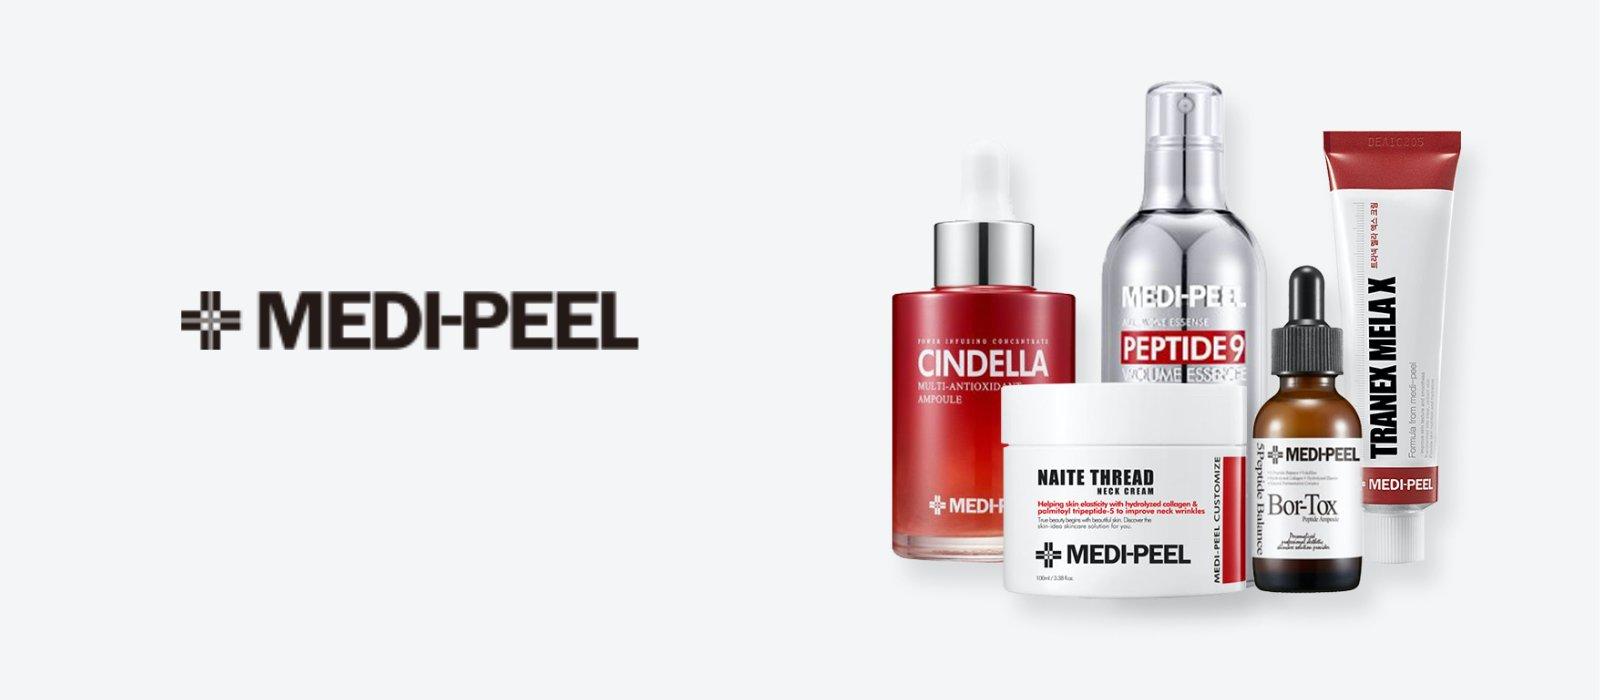 Medi_Peel